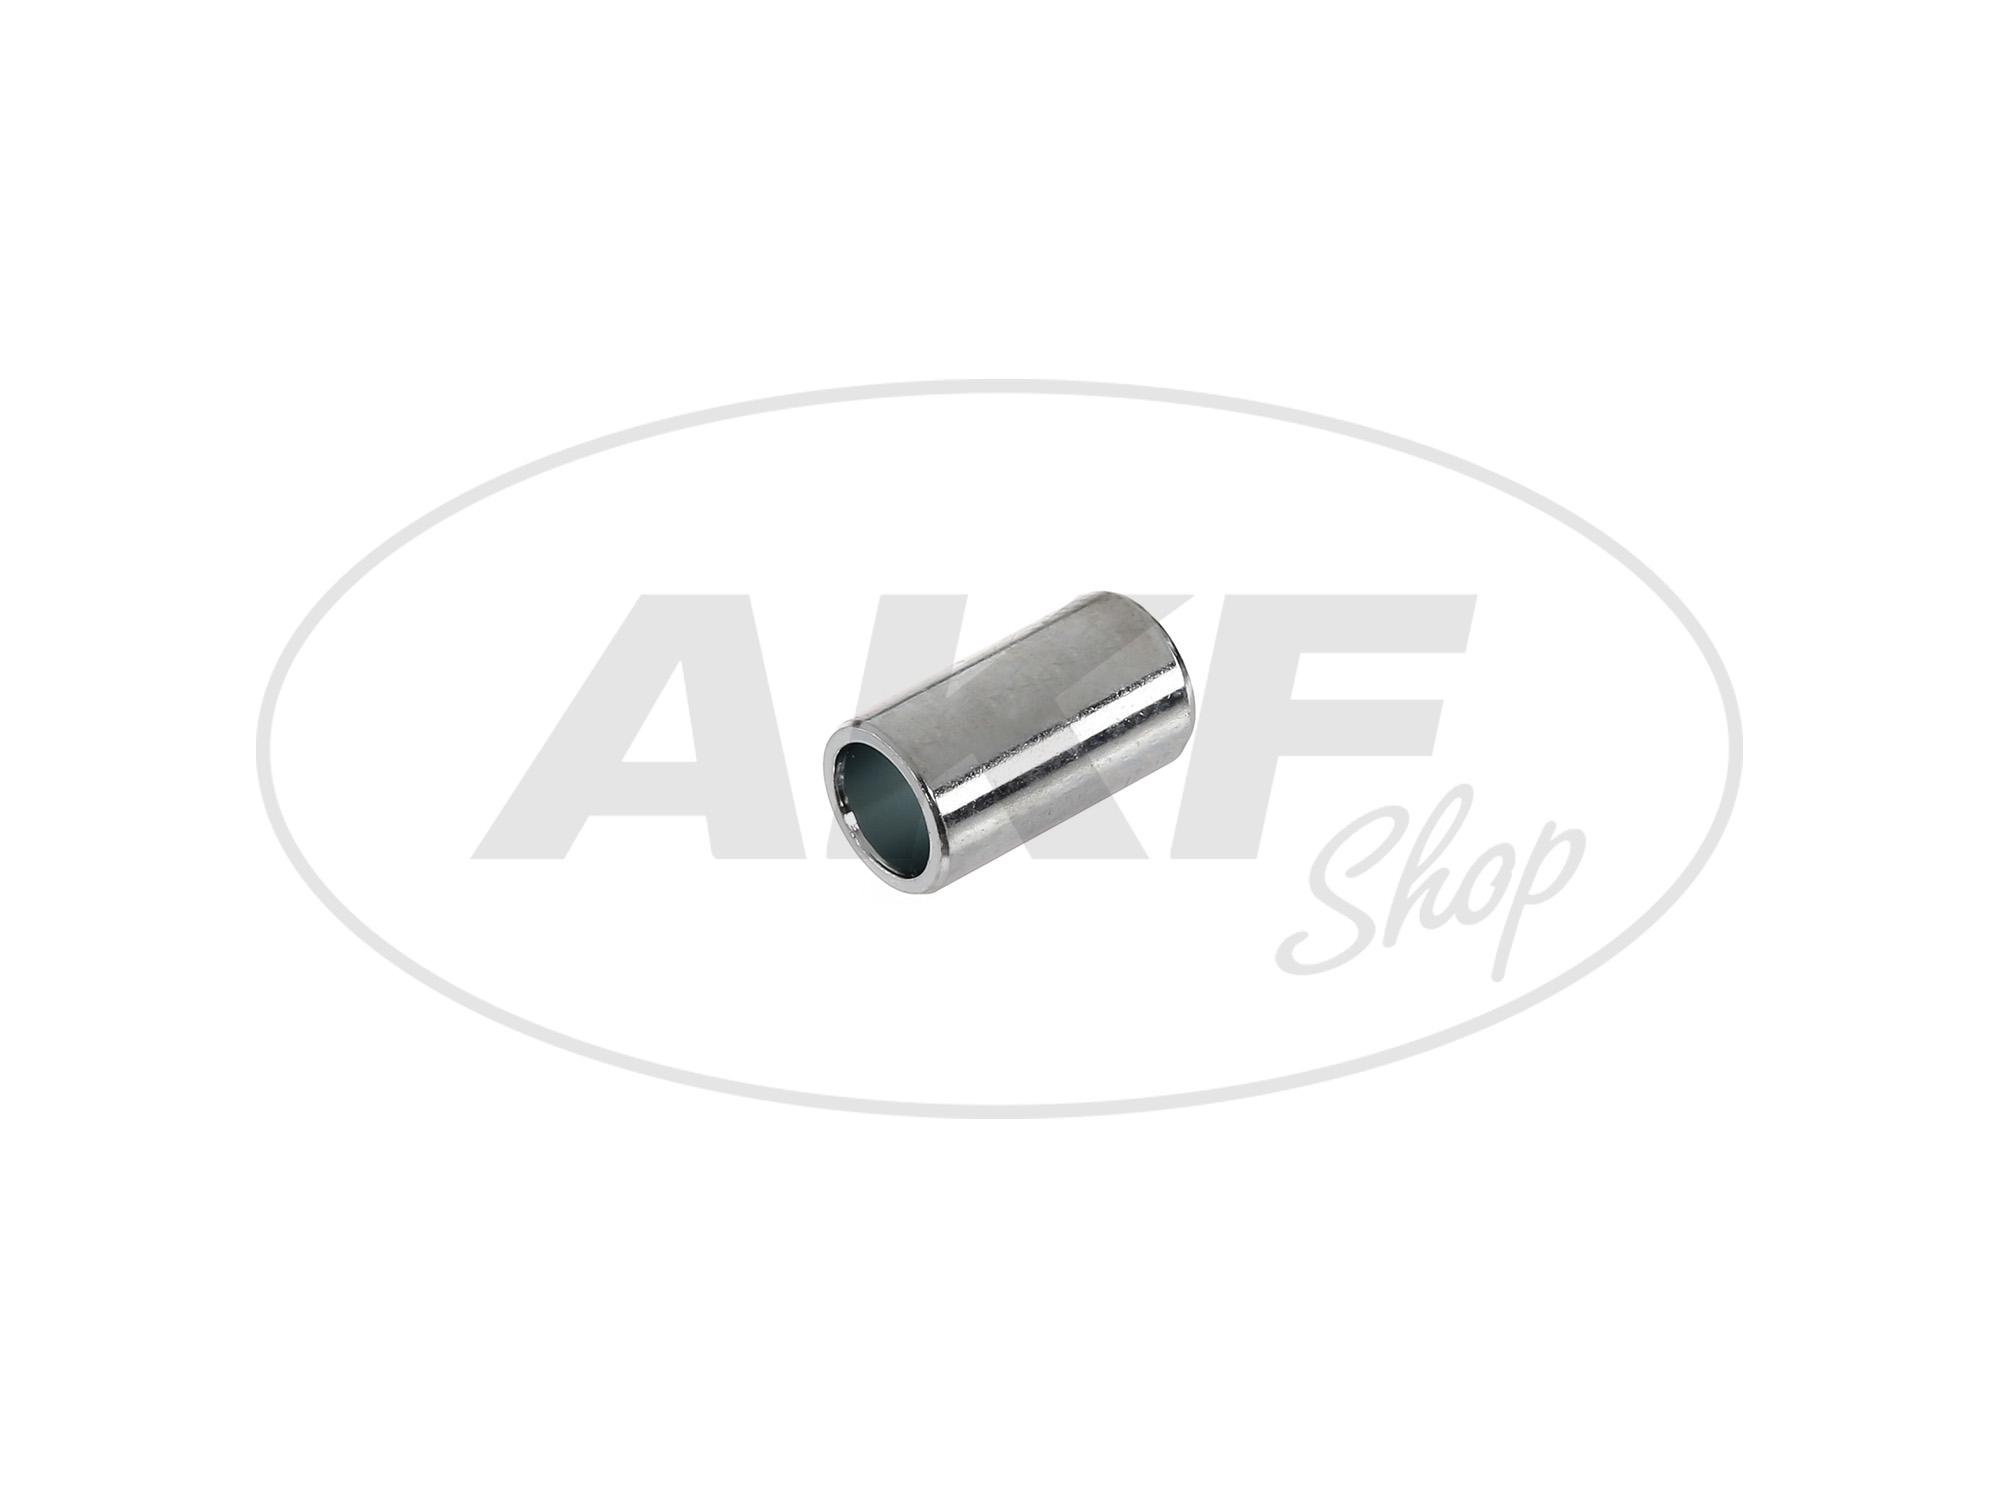 Zoom Ansicht Hülse für Motorlagergummi - für Simson S51, S50, S70, S53, S83